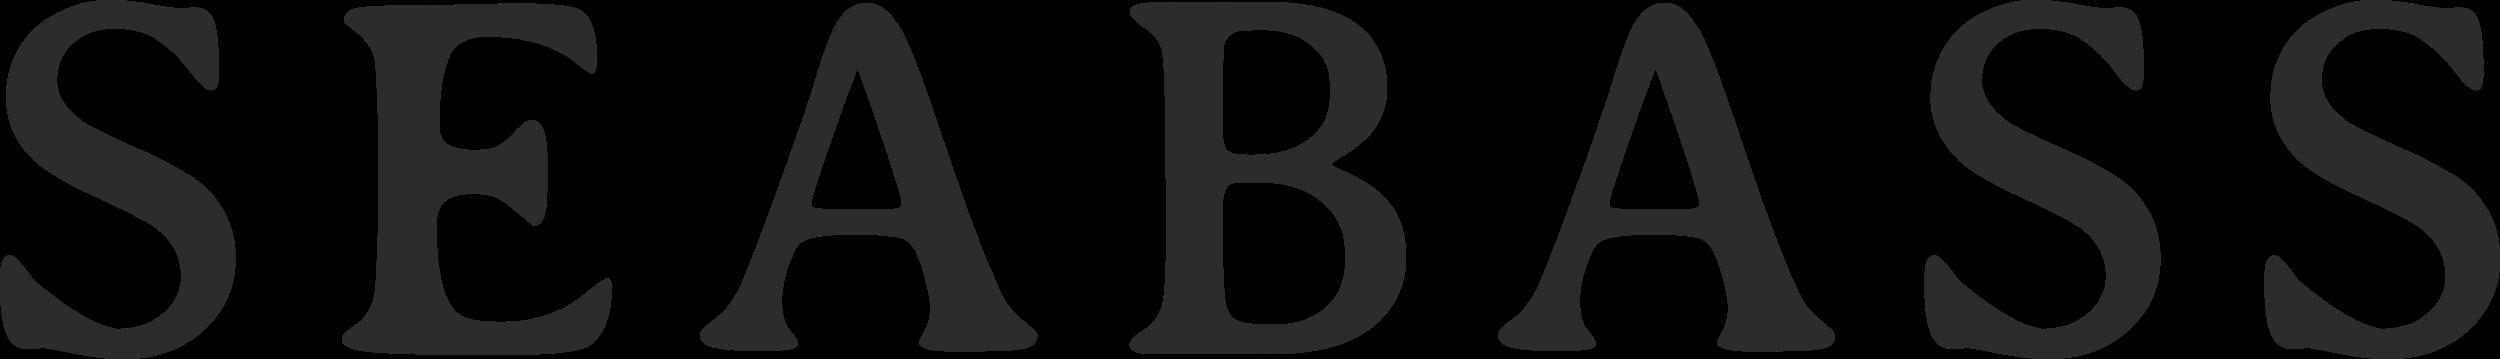 logo van het merk seabass te koop bij Coccinelle.nl